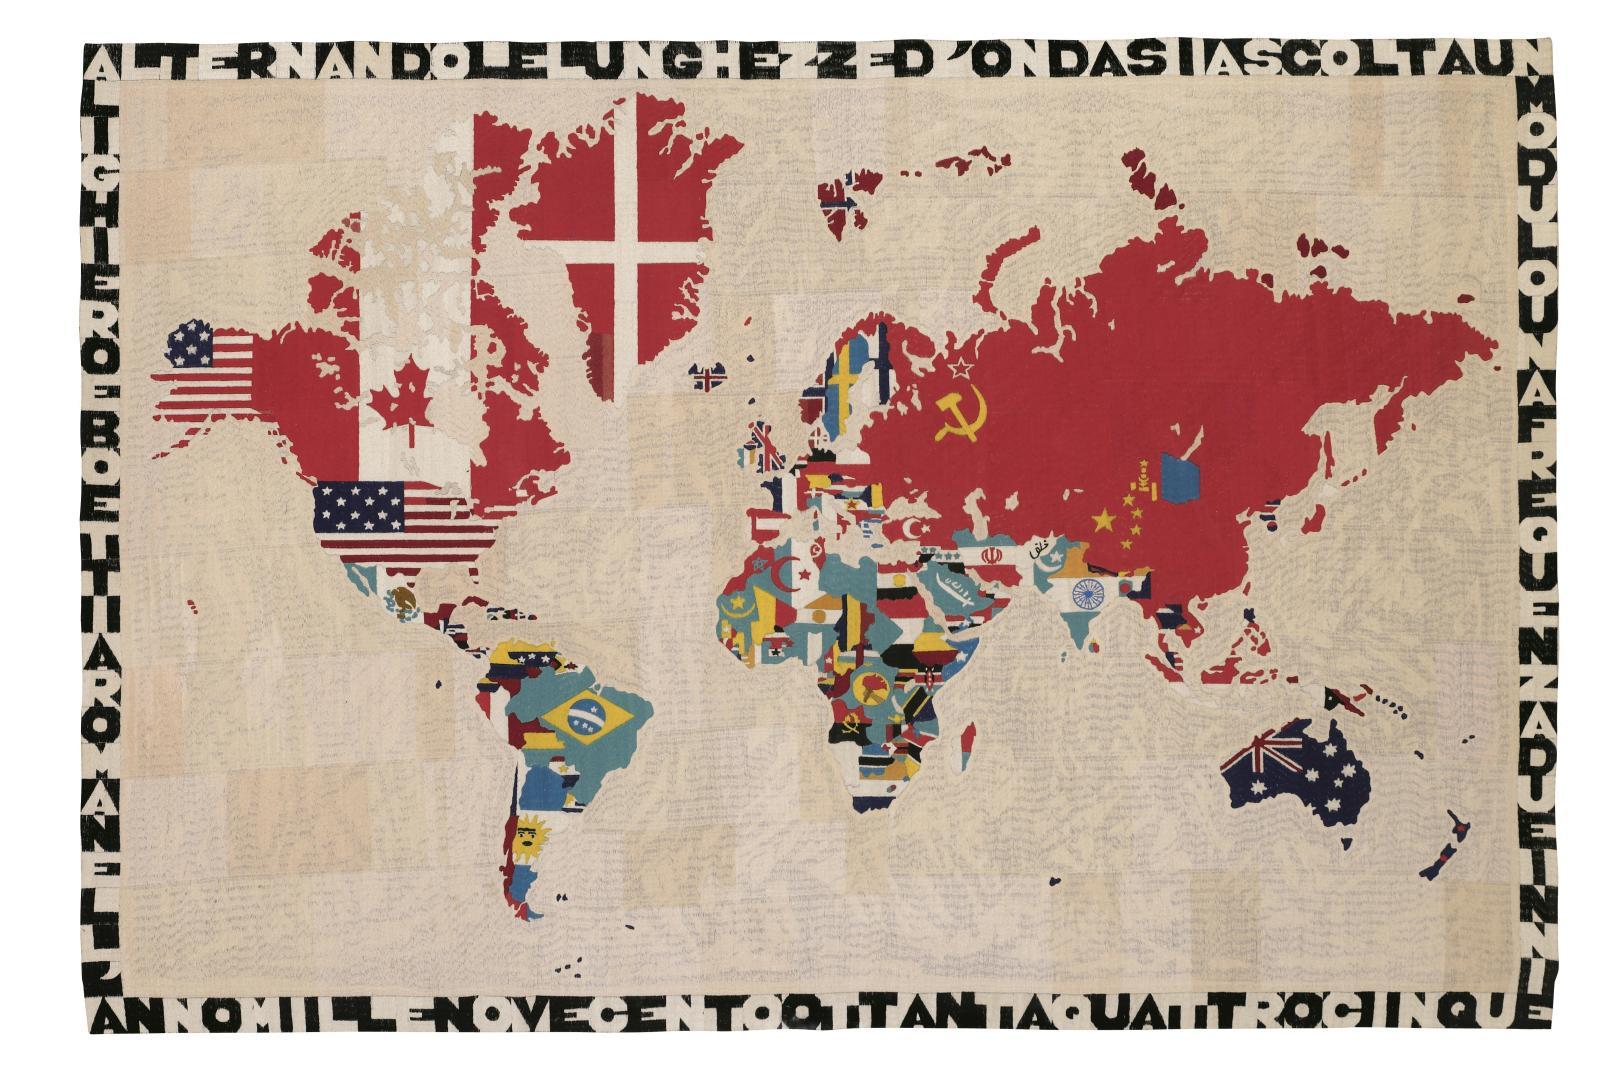 Alighiero Boetti (1940-1994), Mappa del Mondo, 1984, tapisserie sur toile, 115x170,5 cm. courtesy Collection agnès b.